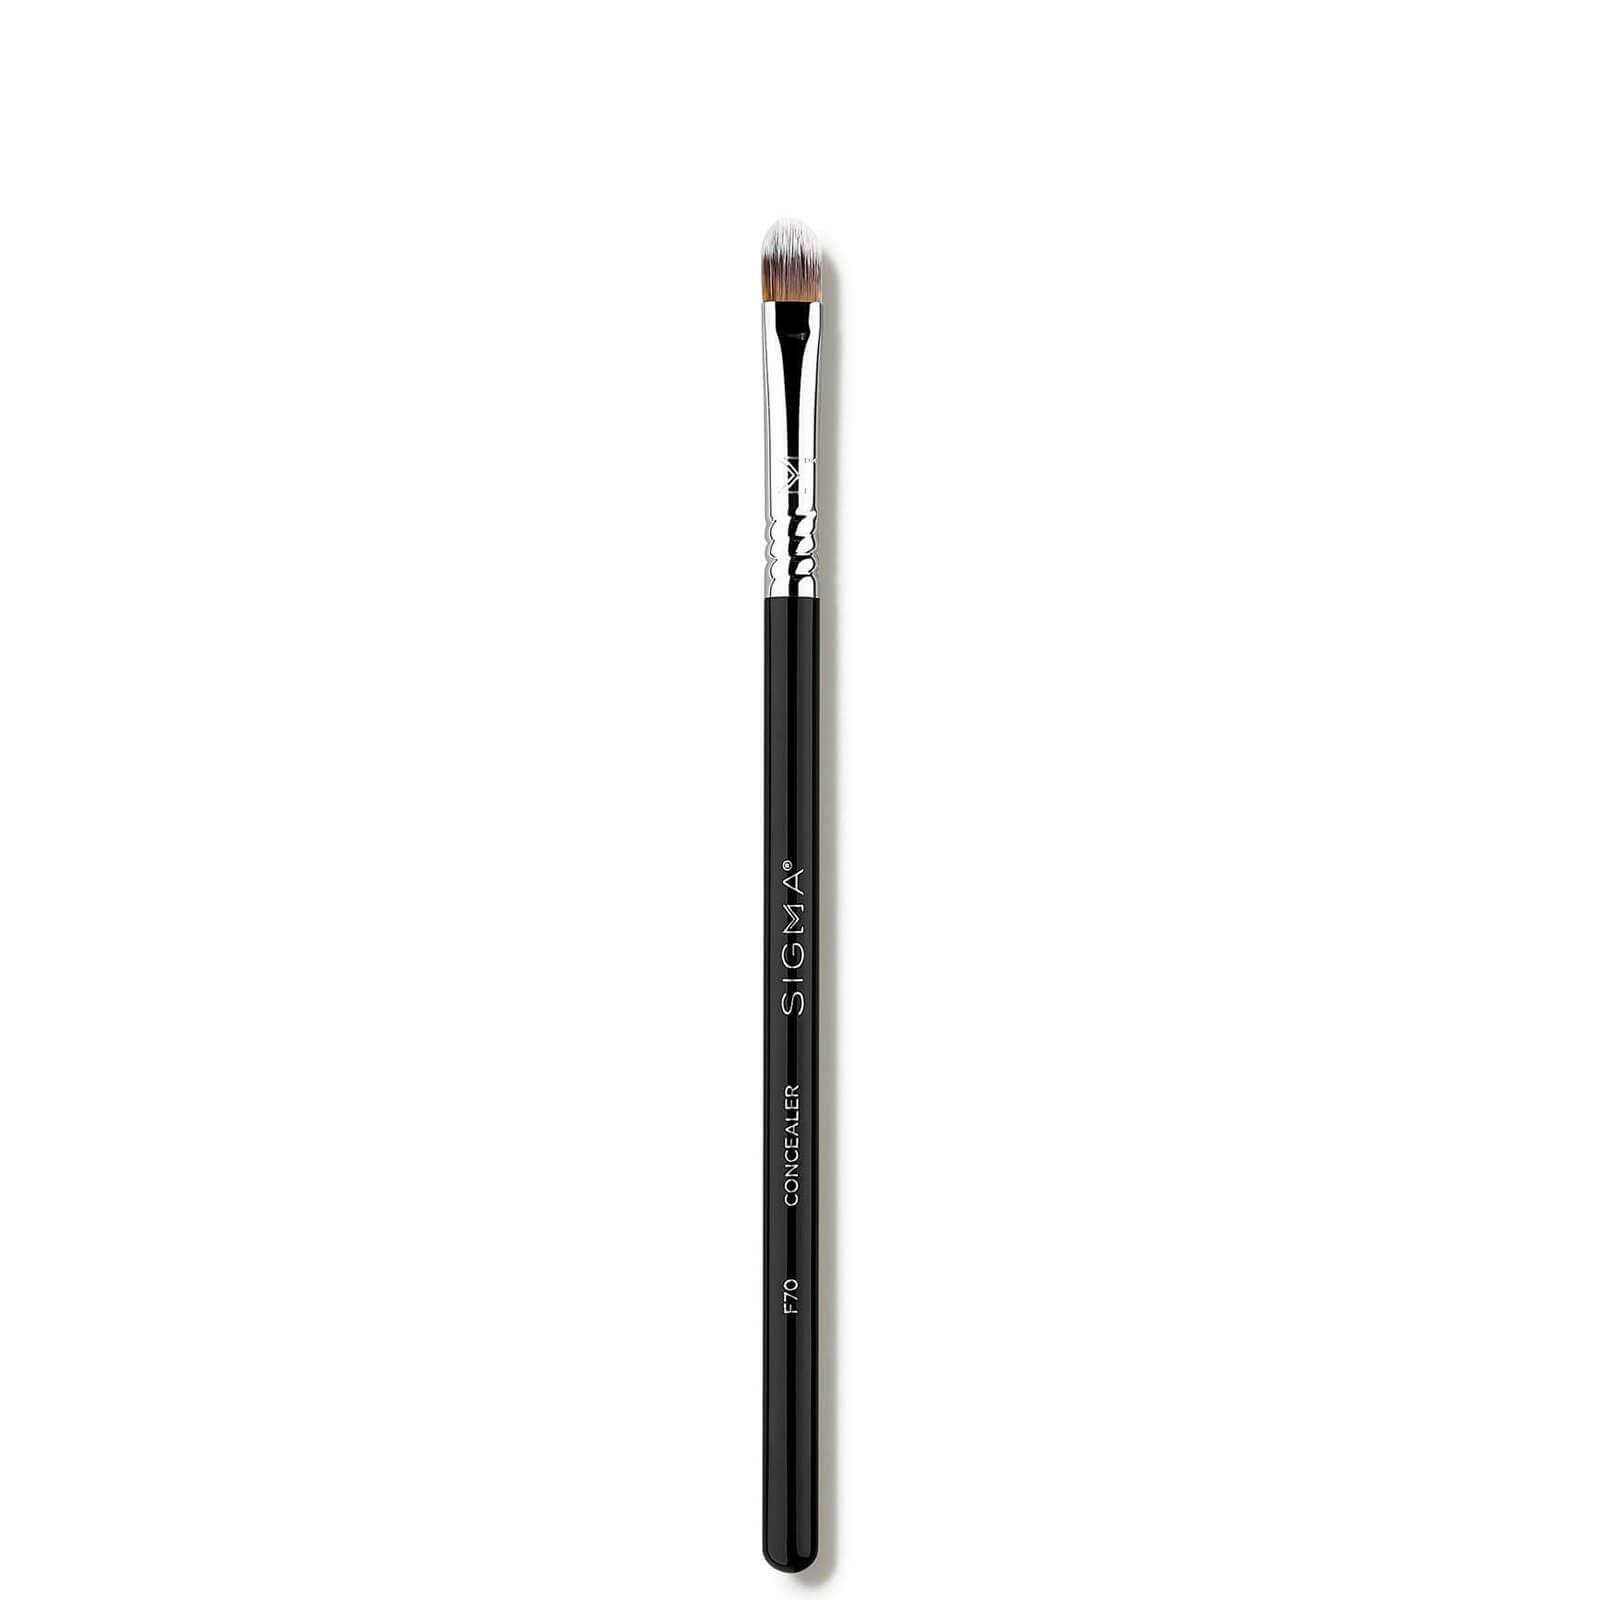 Купить Кисть для нанесения консилера Sigma Beauty F70 - Concealer Brush